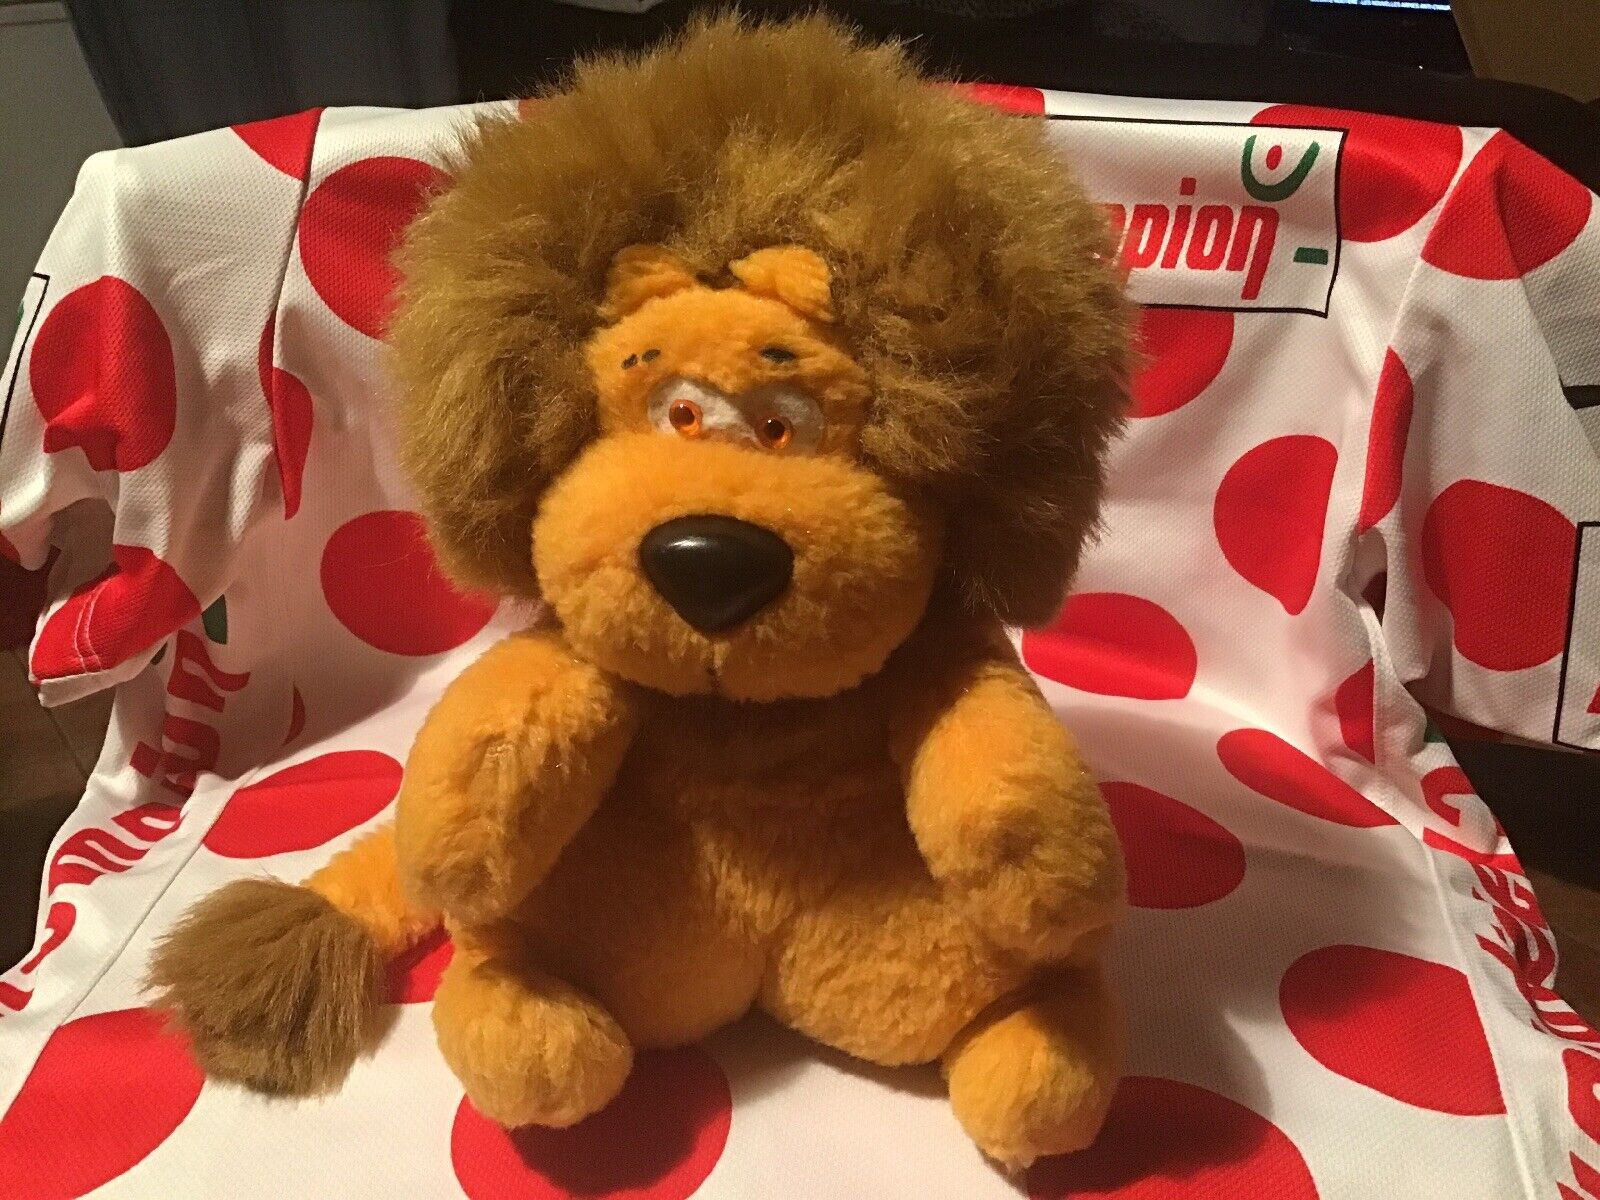 Plush lion lcl tour de france